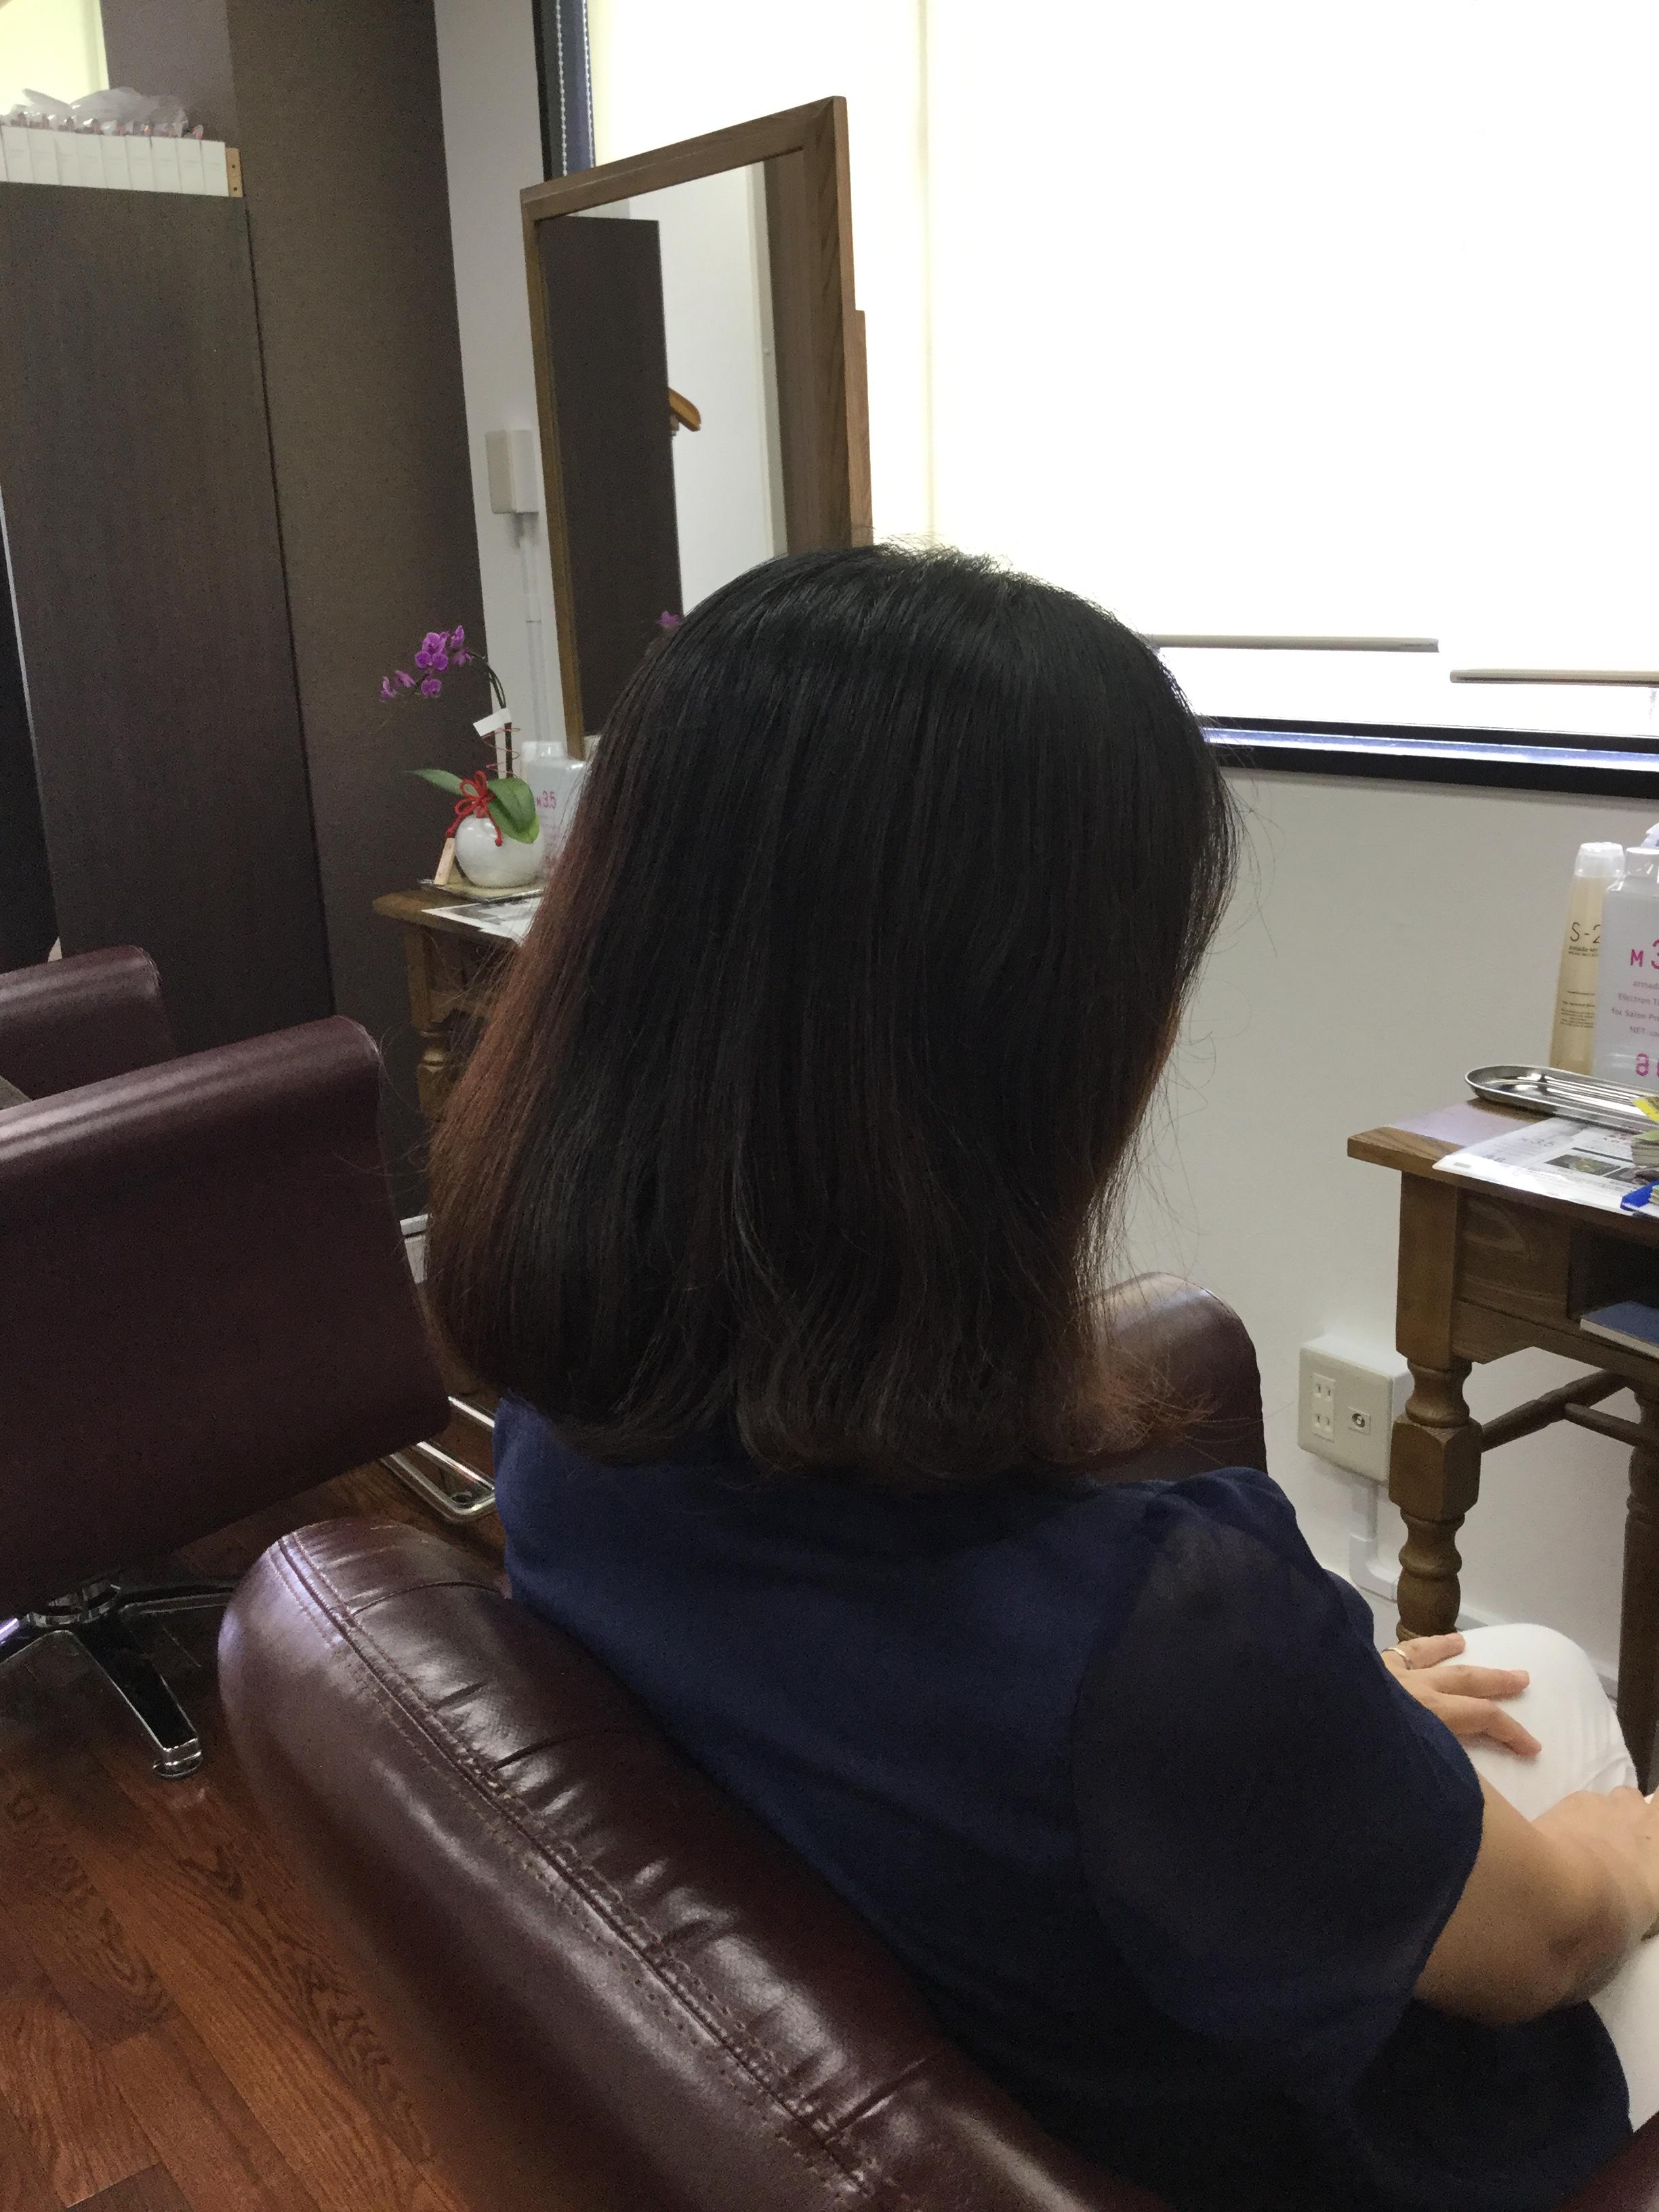 くせ毛広がりまとまらないくせ毛をカットで大人ボブが得意な神戸くせ毛専門美容室